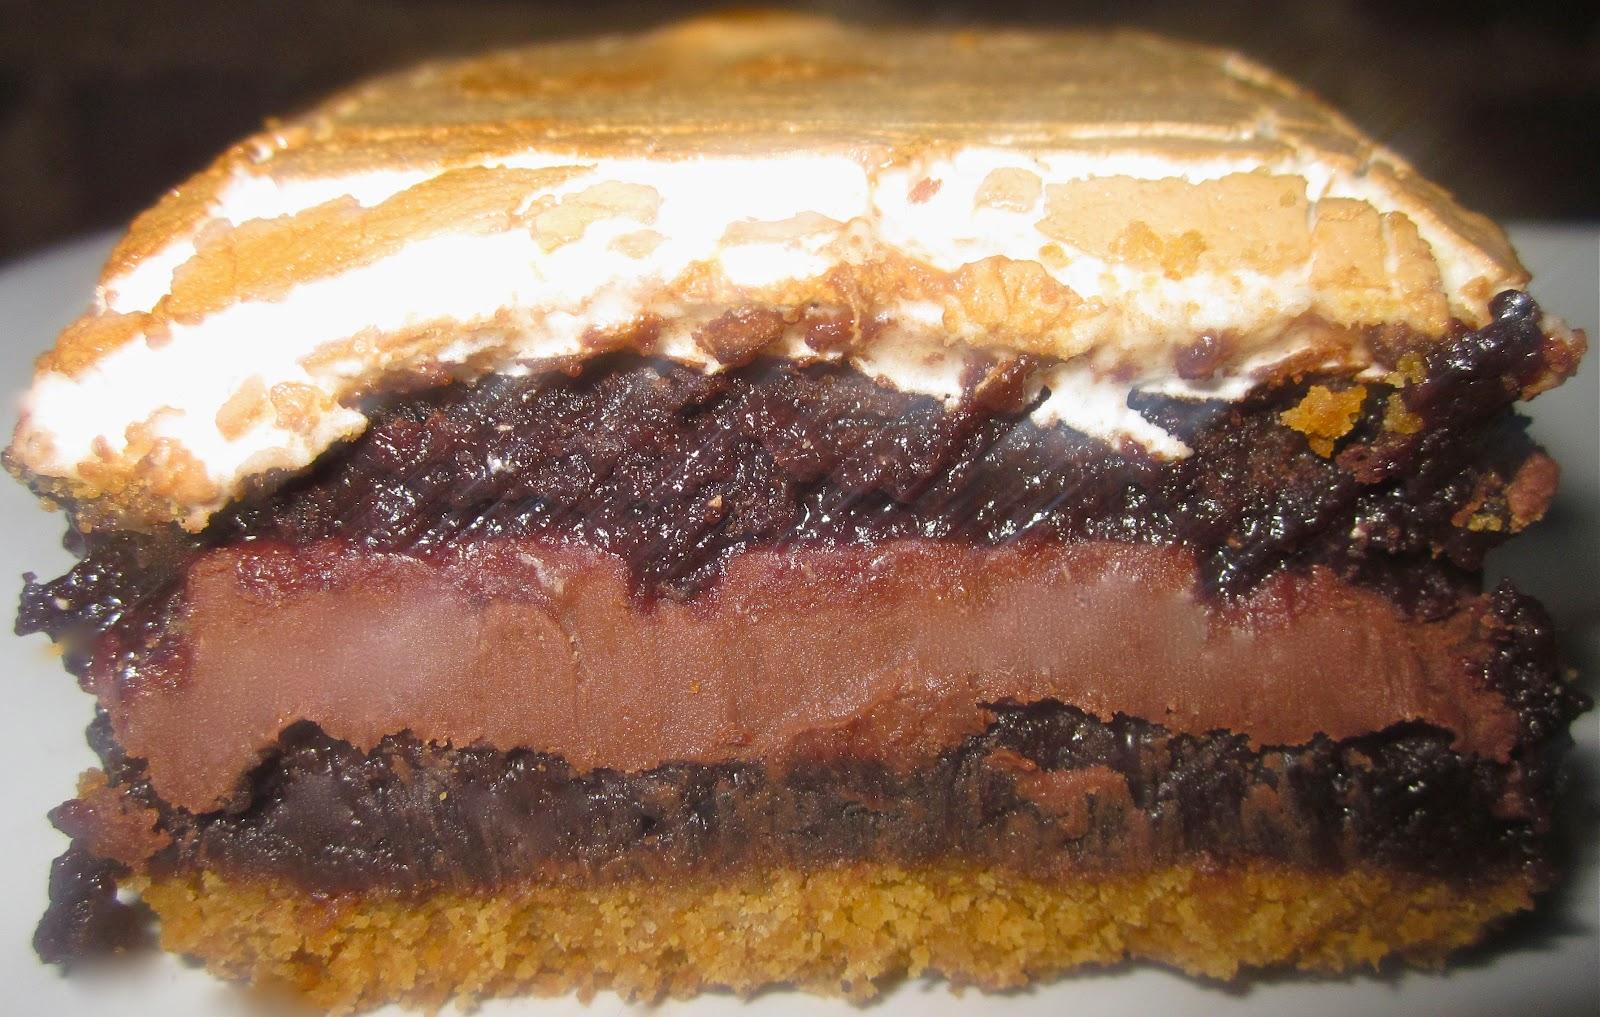 Gourmet S'more Brownie Bars